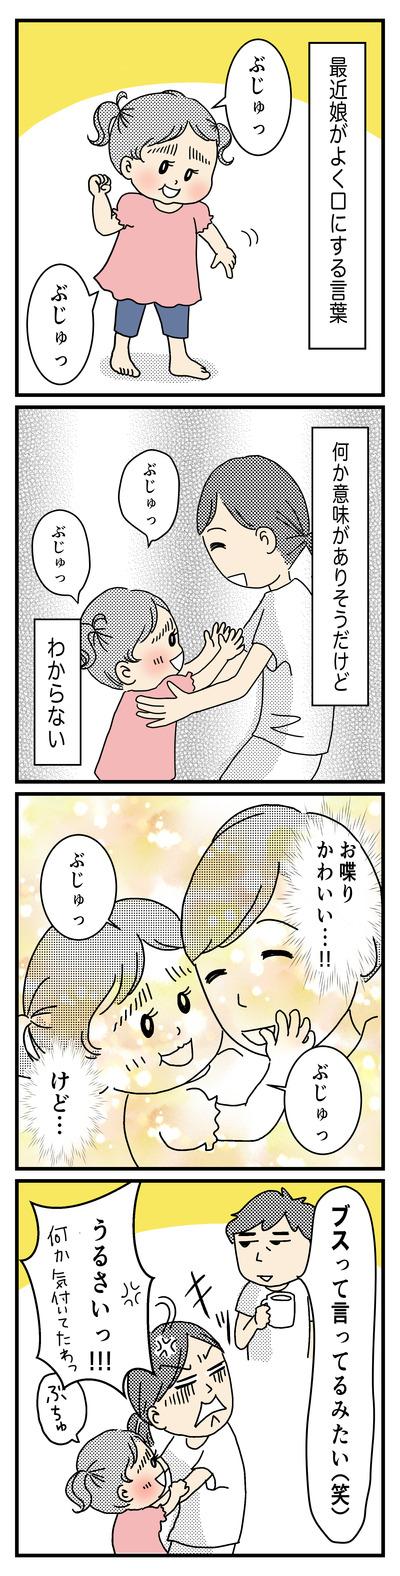 96 ぶちゅ(1才〜1才半)